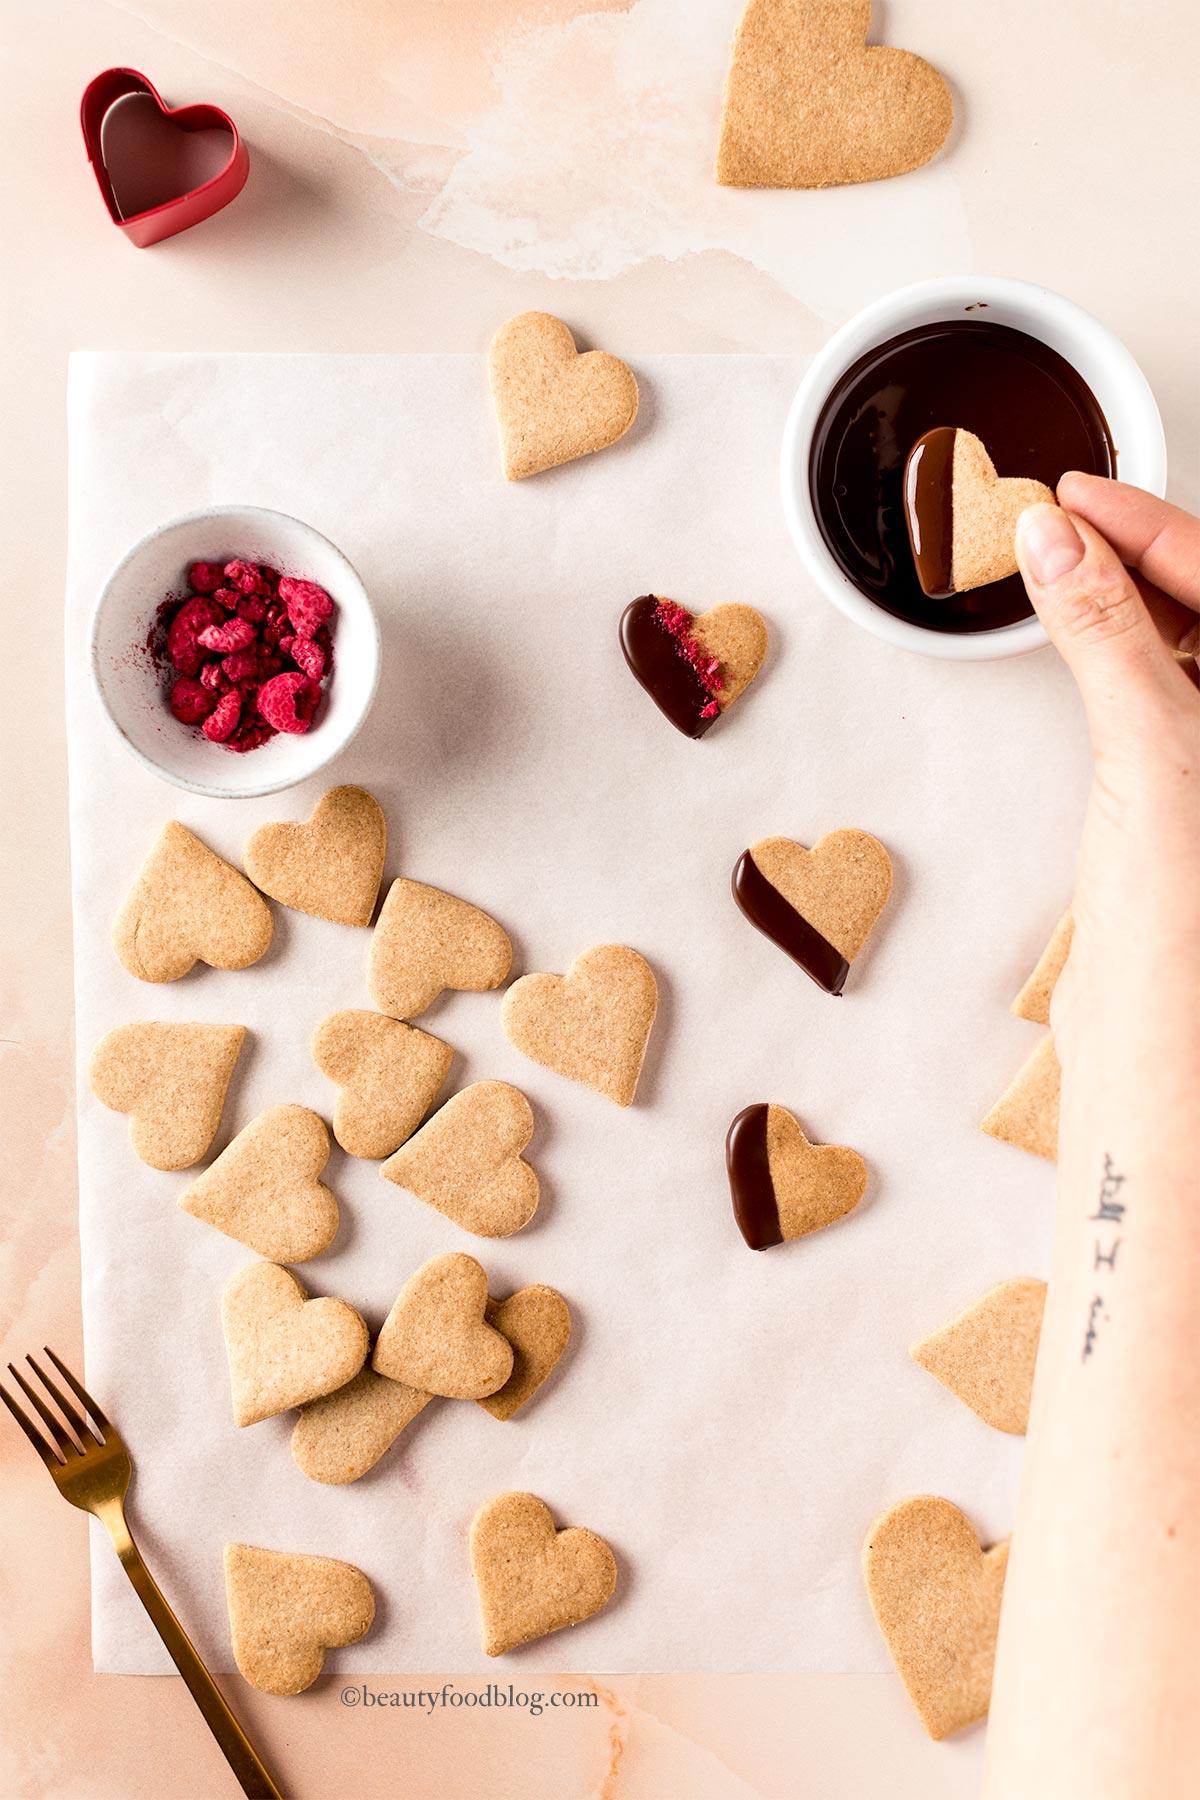 come fare i frollini vegani biscotti di pasta frolla vegana senza uova senza burro integrali al cioccolato how to make chocolate italian vegan shortbread cookies